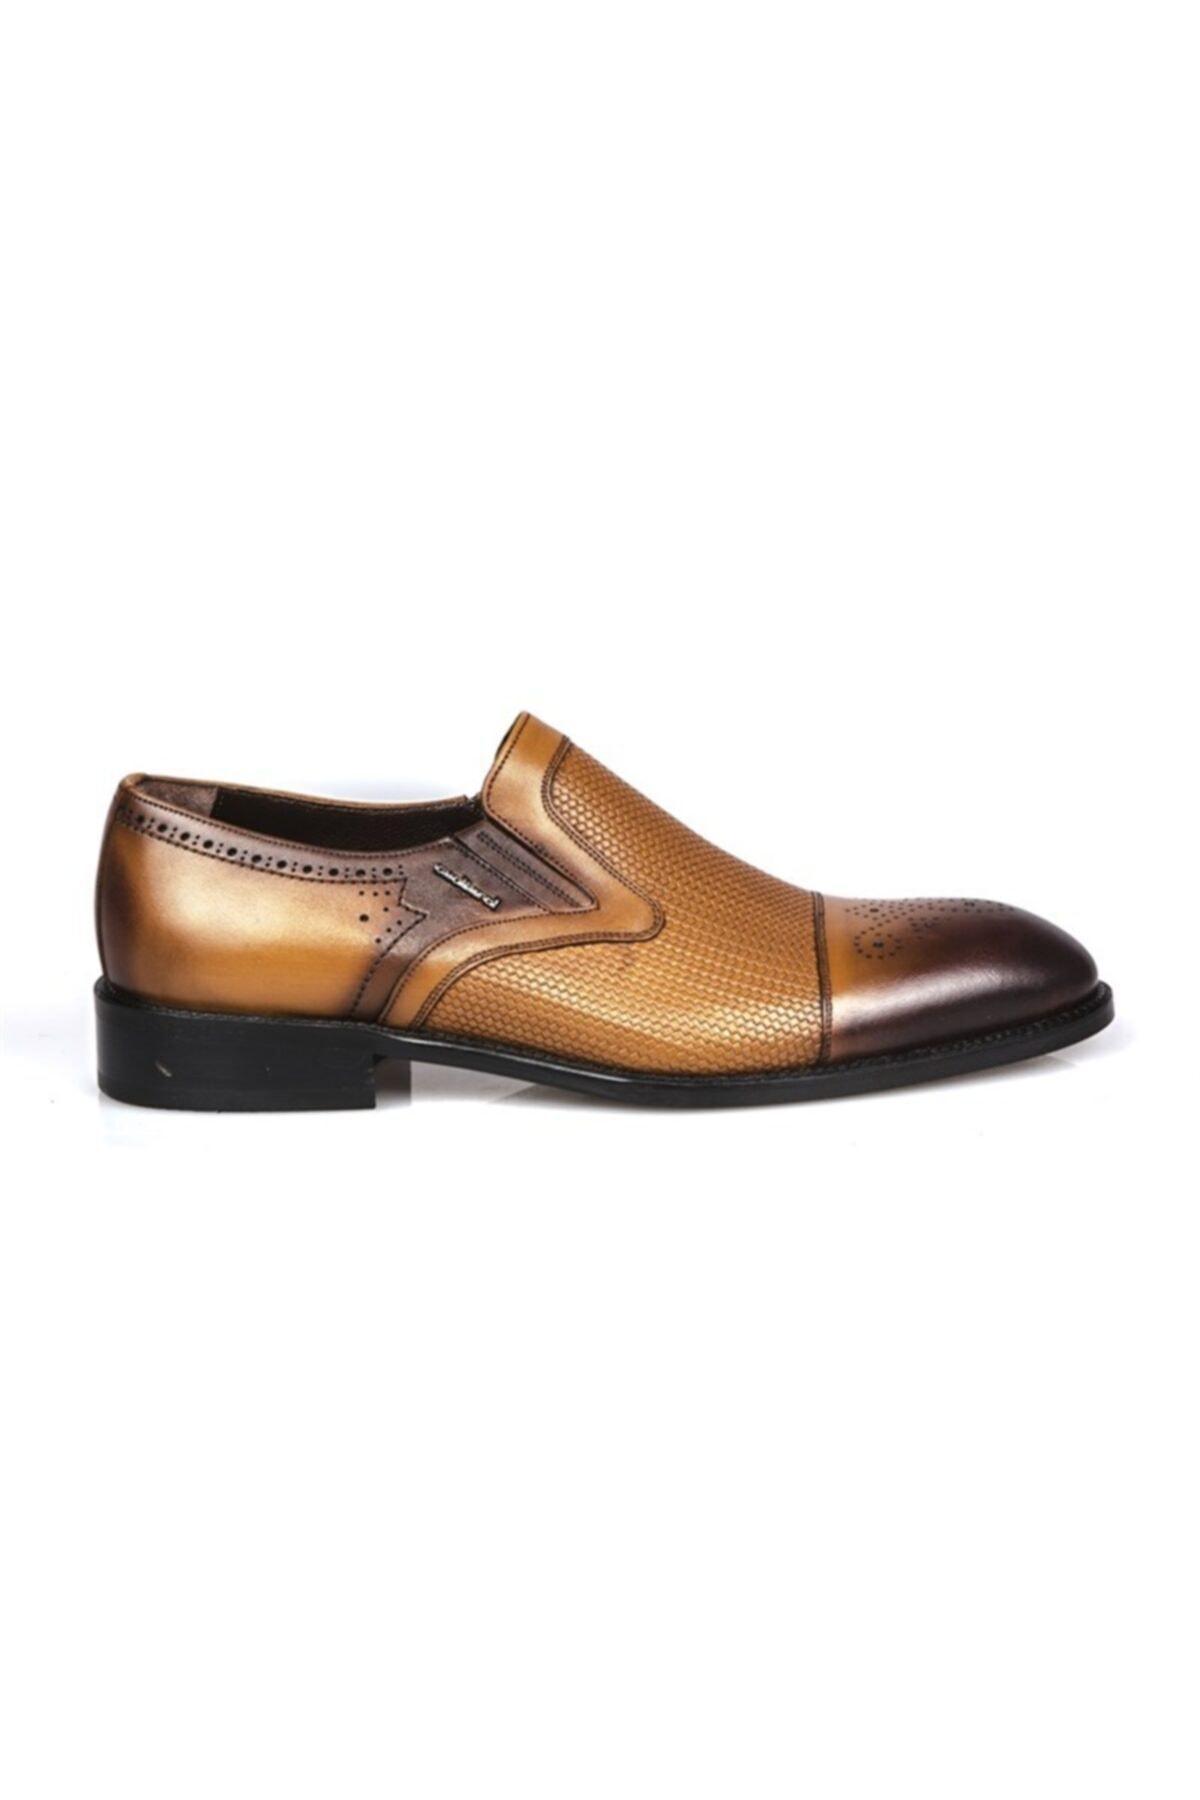 Cacharel C8925a Taba Erkek Günlük Ayakkabı 1